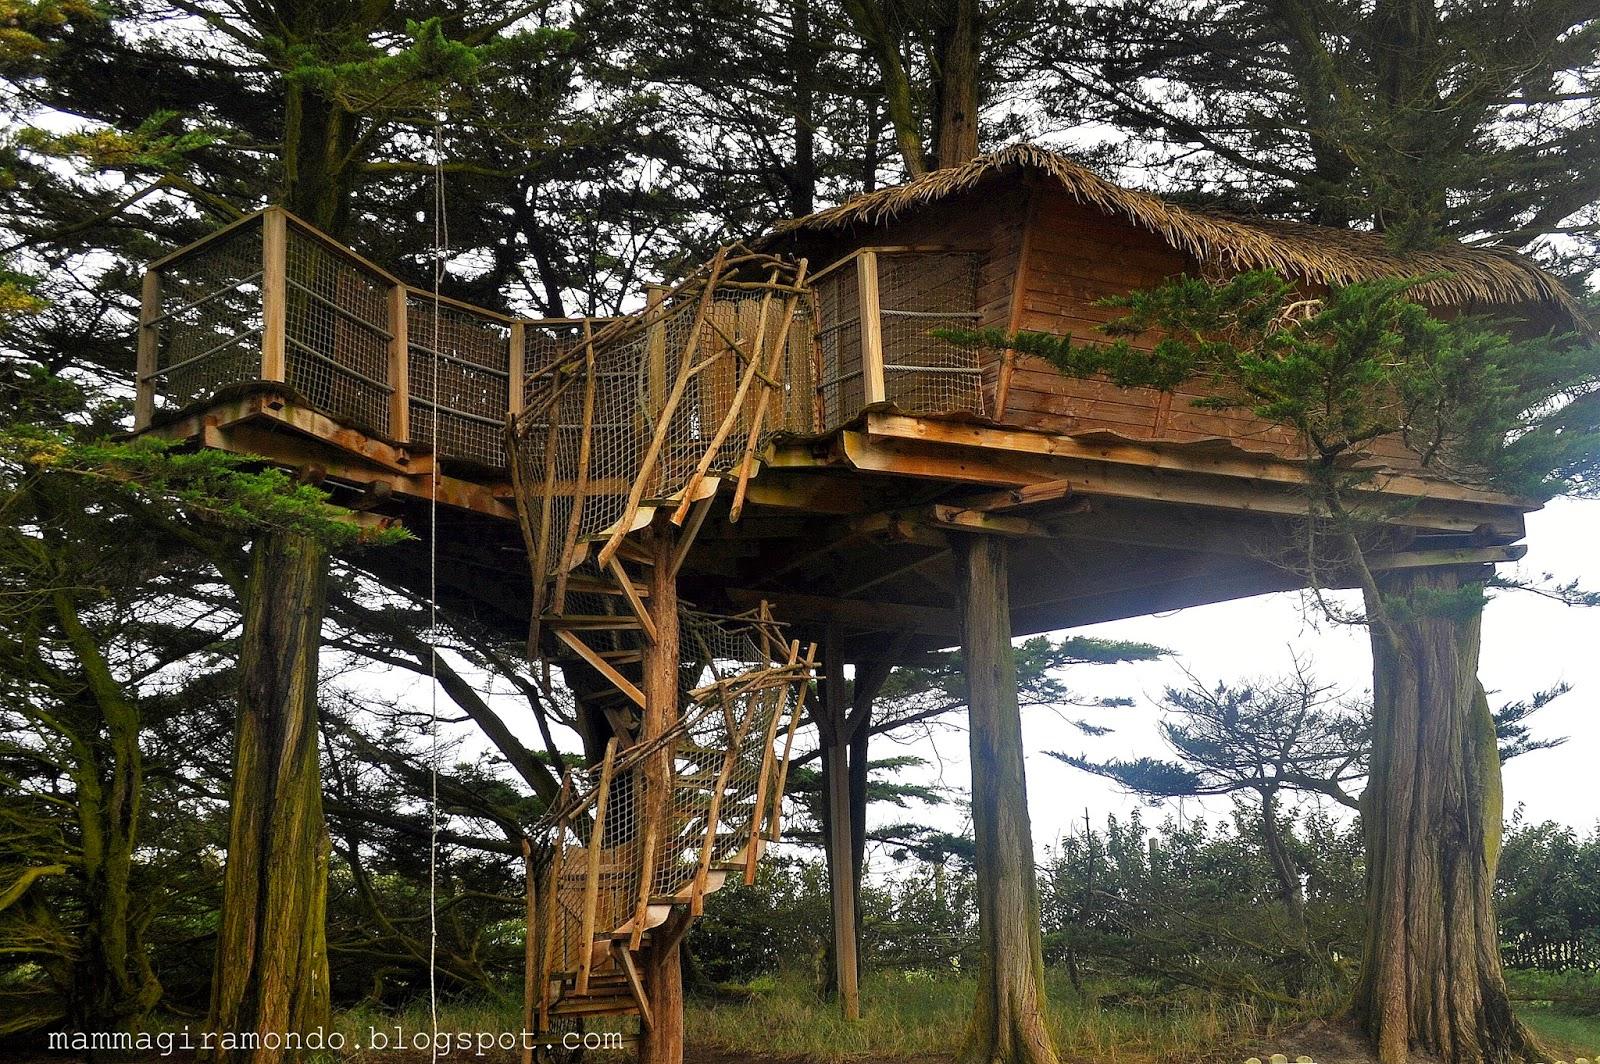 Dormire in una casa sull 39 albero in bretagna - Costruire una casa sull albero ...